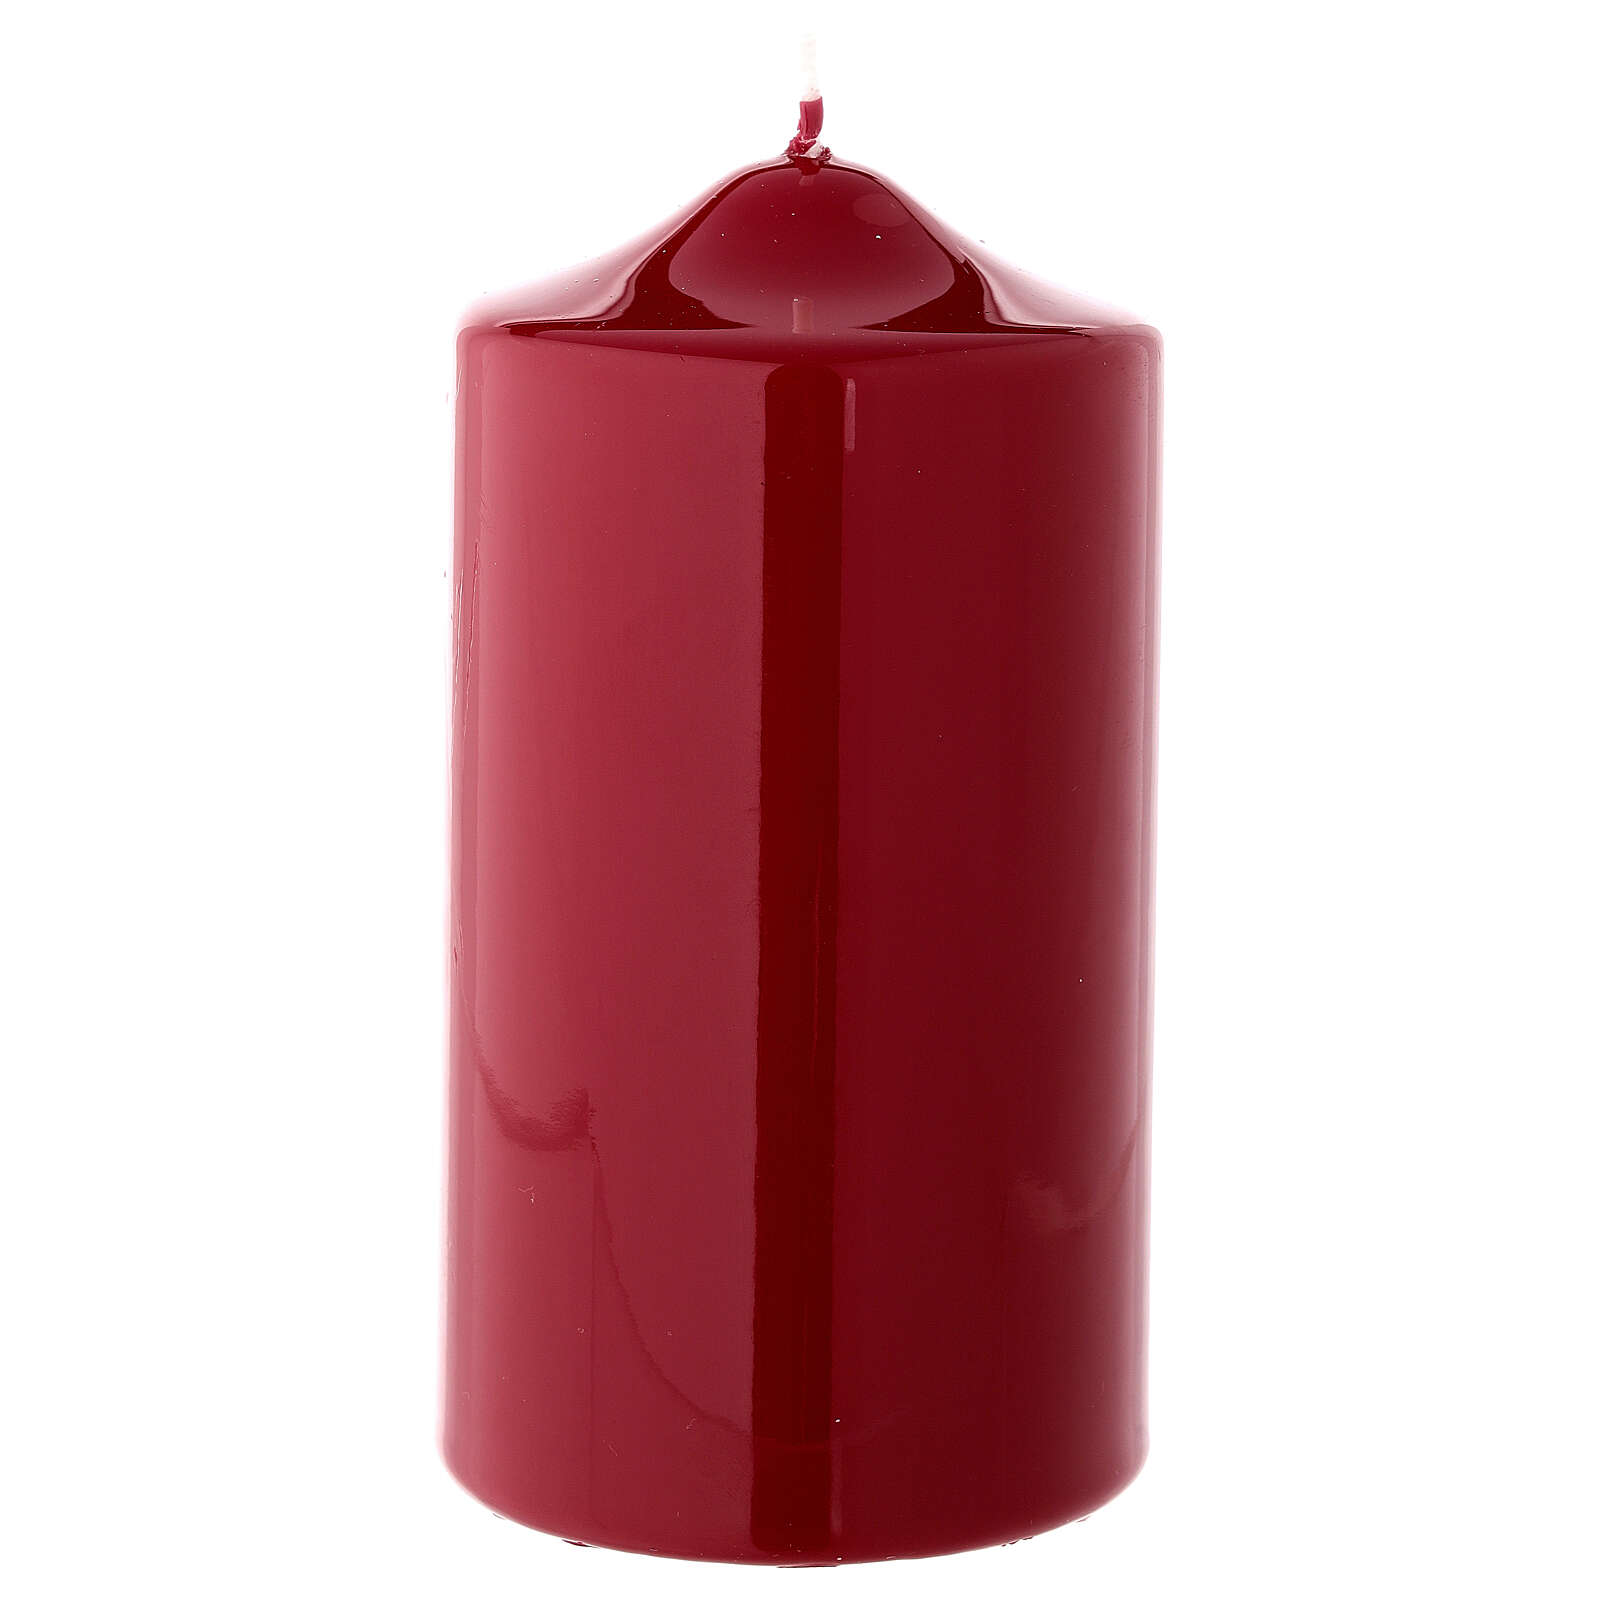 Rote Weihnachtskerze Siegelwachs Zylinderform, 150x80 mm 3